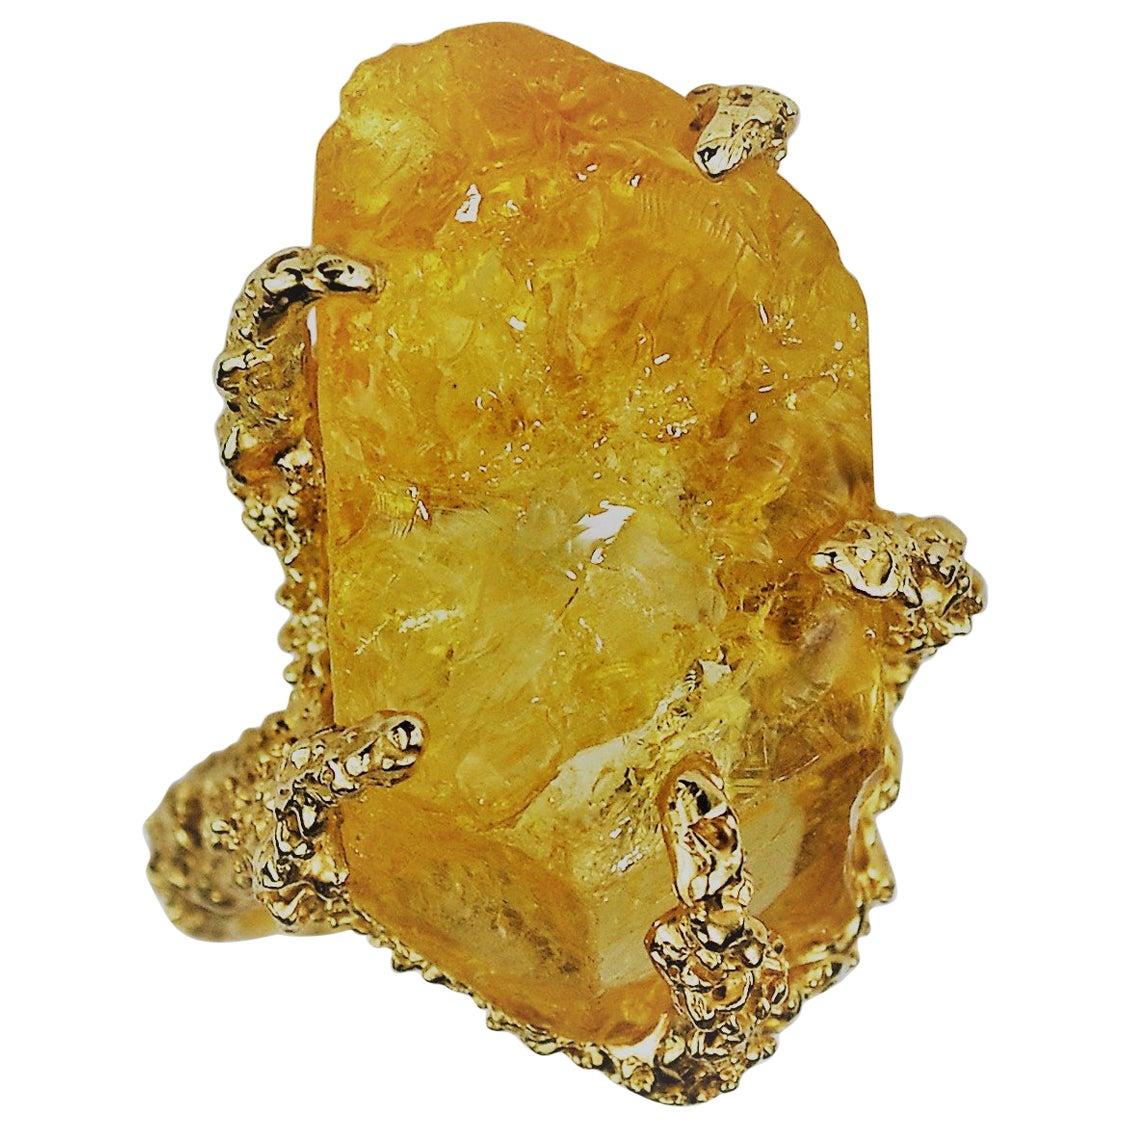 Abstract Raw Citrine Crystal Cocktail Ring, 14 Karat Gold, circa 1960